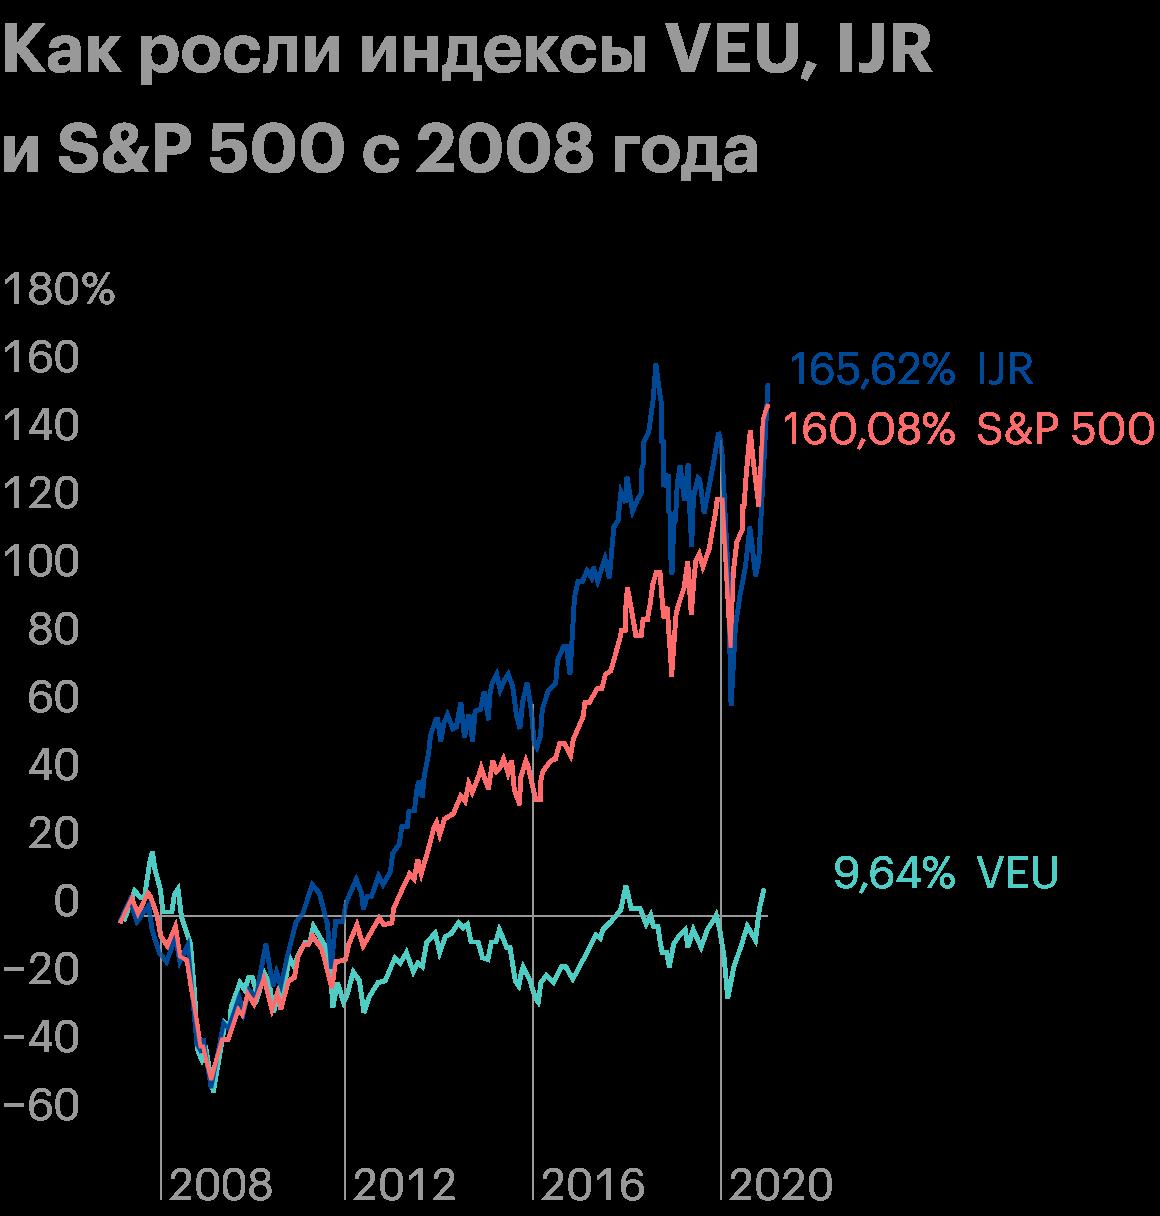 Акции VEU показали стагнацию с 2008года. Источник: TradingView